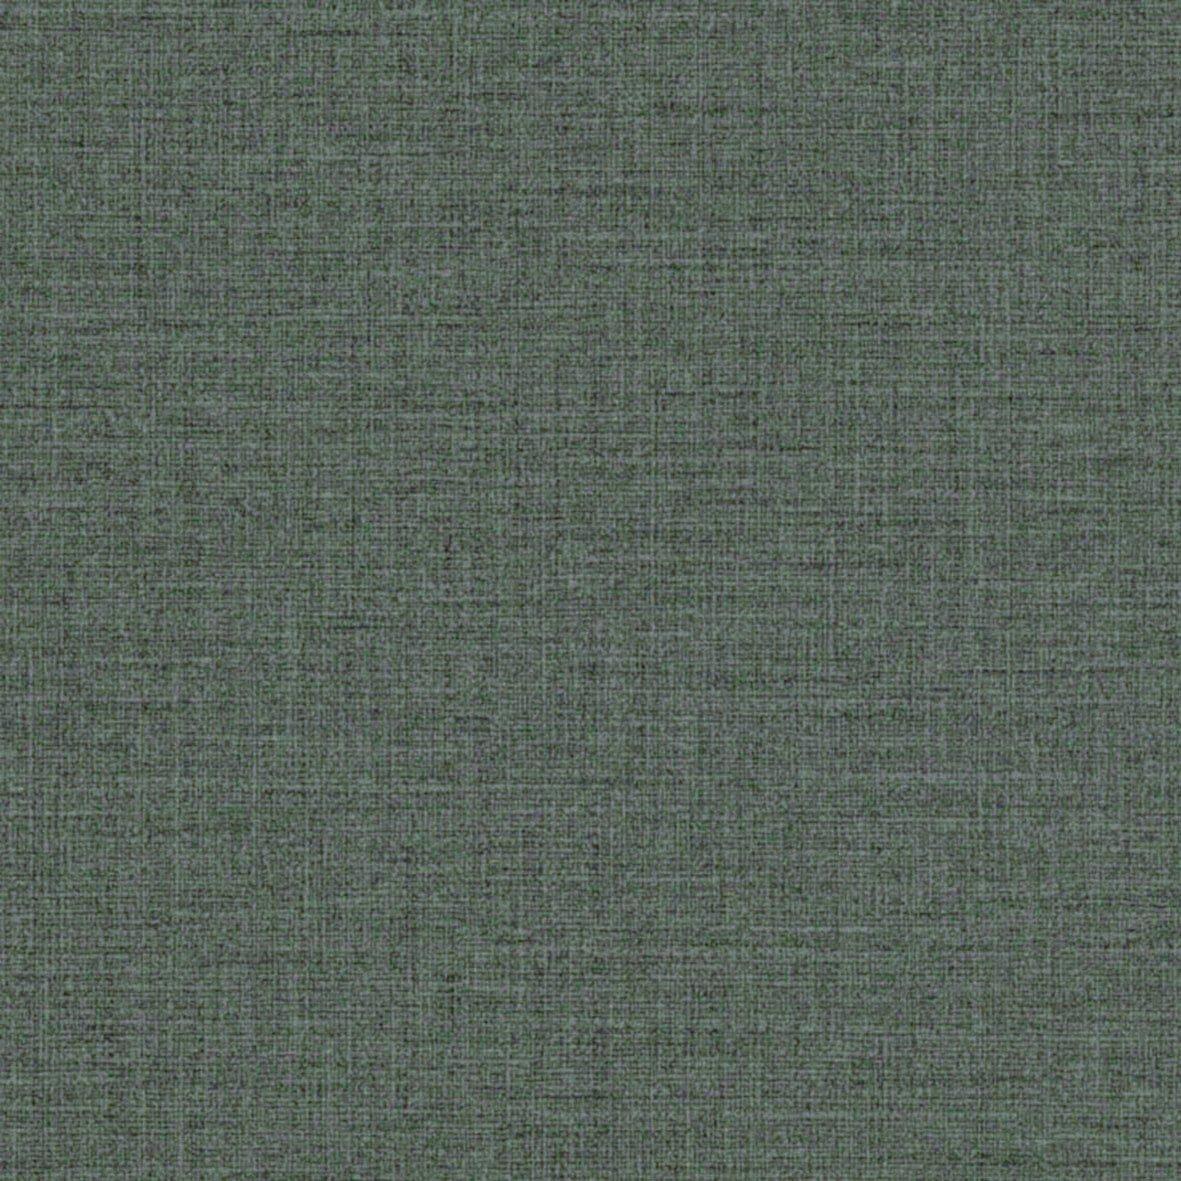 リリカラ 壁紙35m ナチュラル 織物調 ブラウン LL-8388 B01MTKCQTR 35m|ブラウン